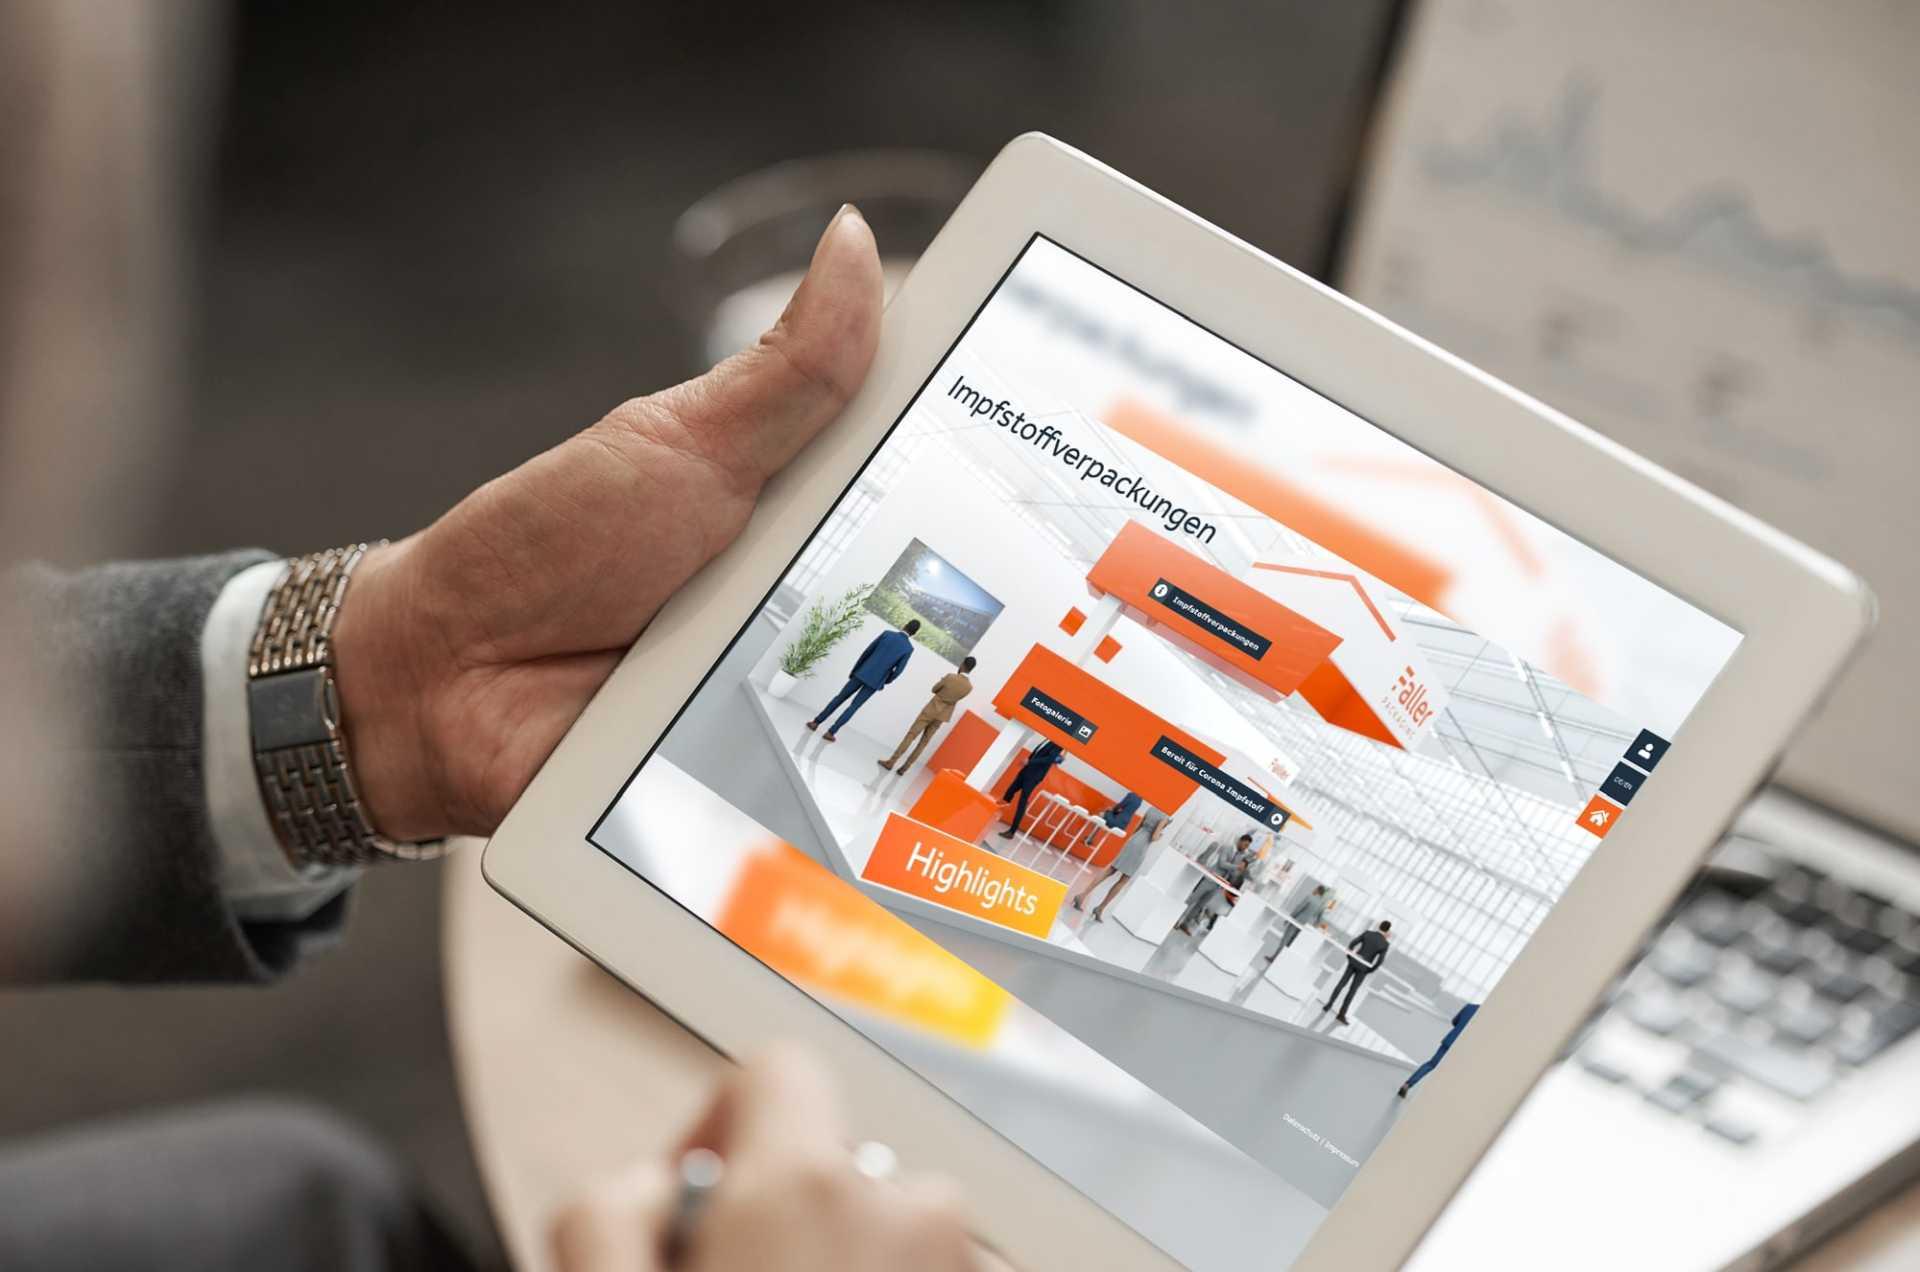 Digitaler, virtueller Messestand von commalive auf einem iPad.